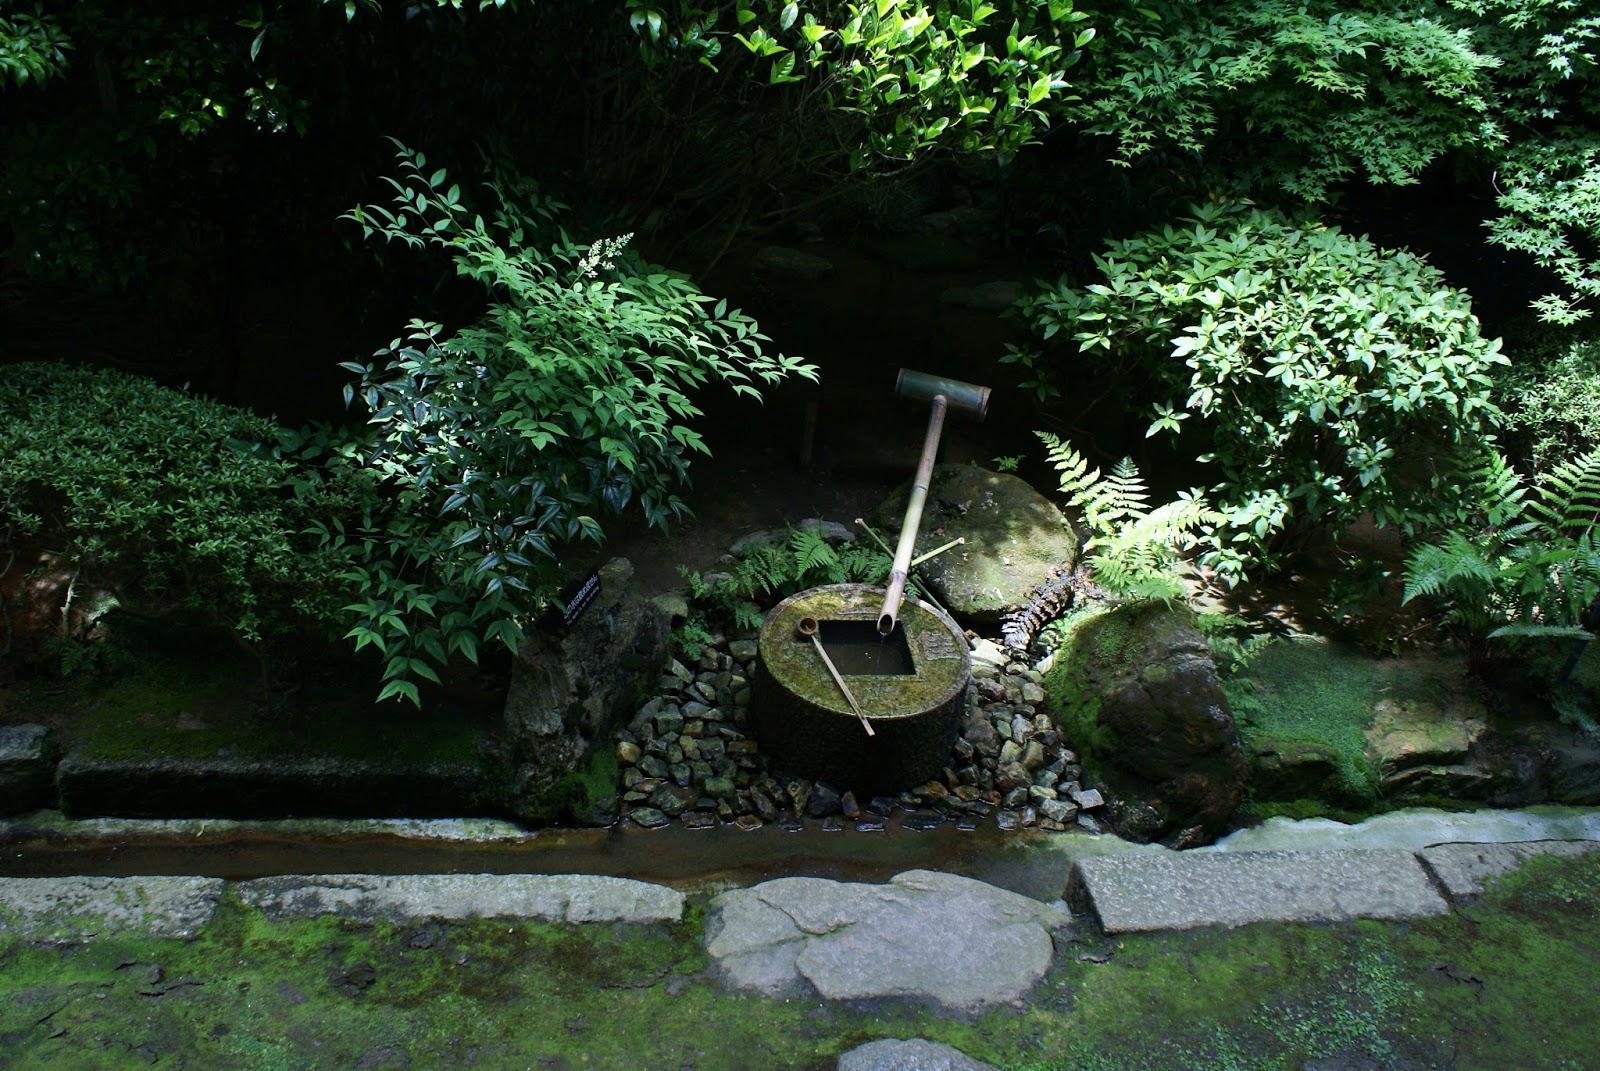 ryoan ji buddhist temple stone basin garden kyoto kansai japan